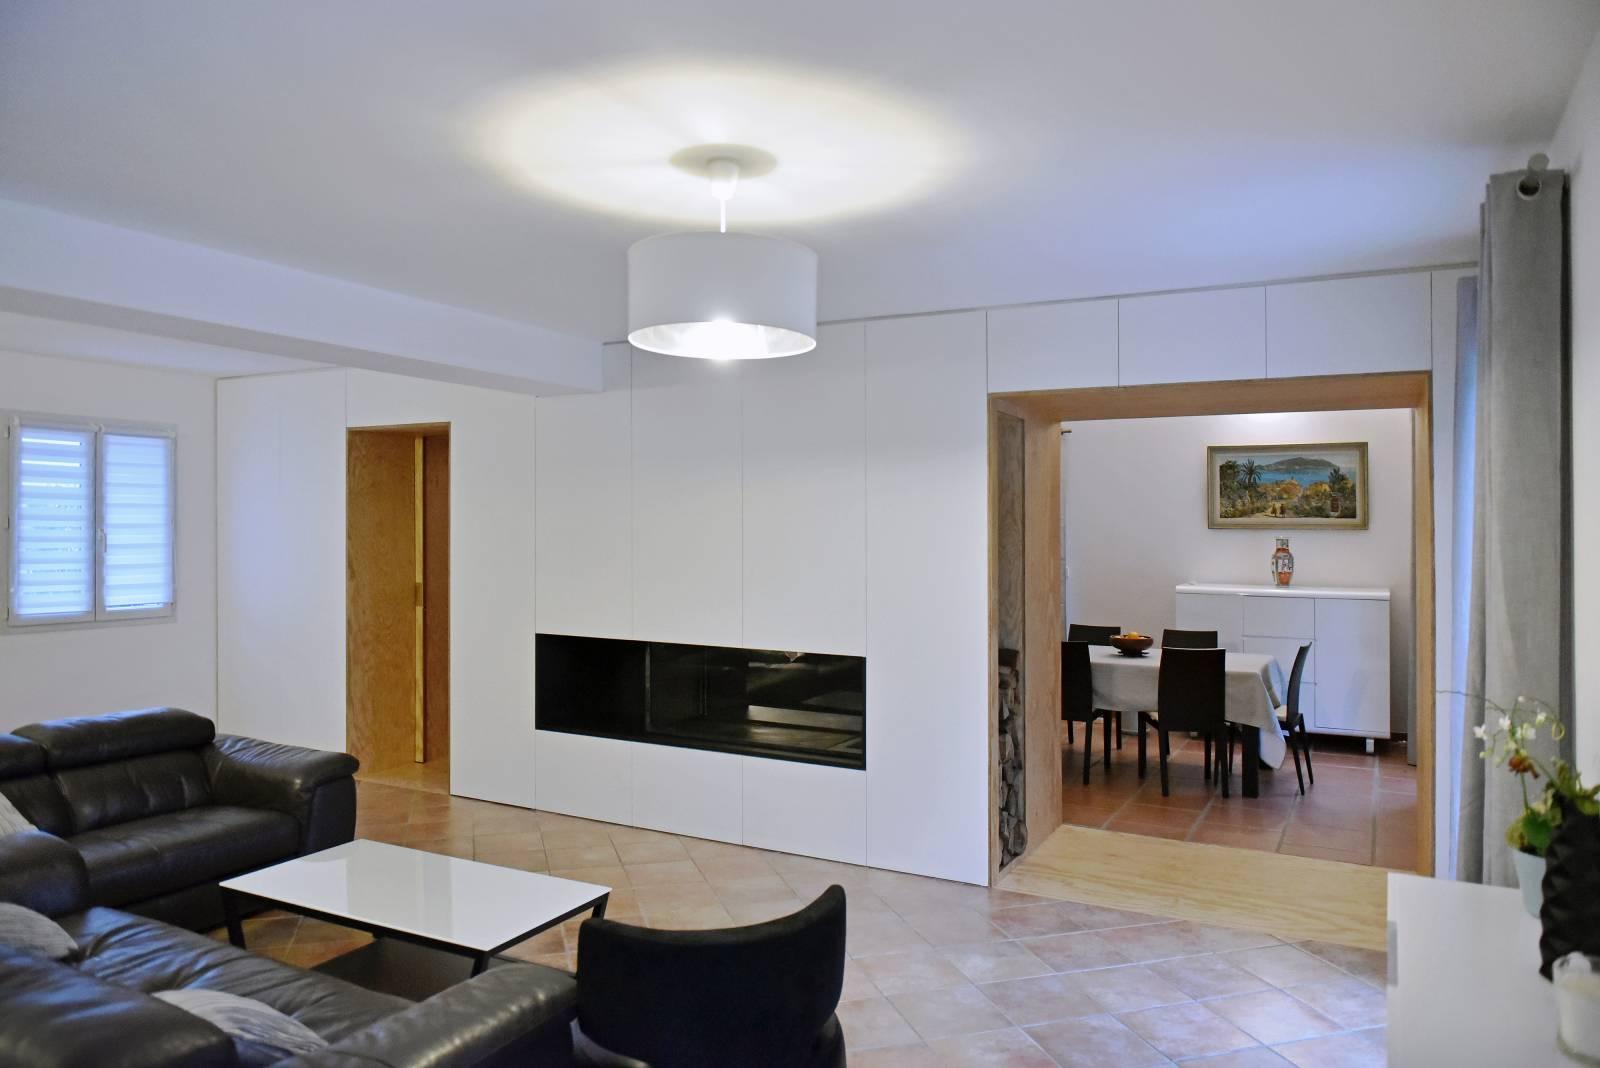 cr ation d 39 une chemin e double foyer et am nagement. Black Bedroom Furniture Sets. Home Design Ideas